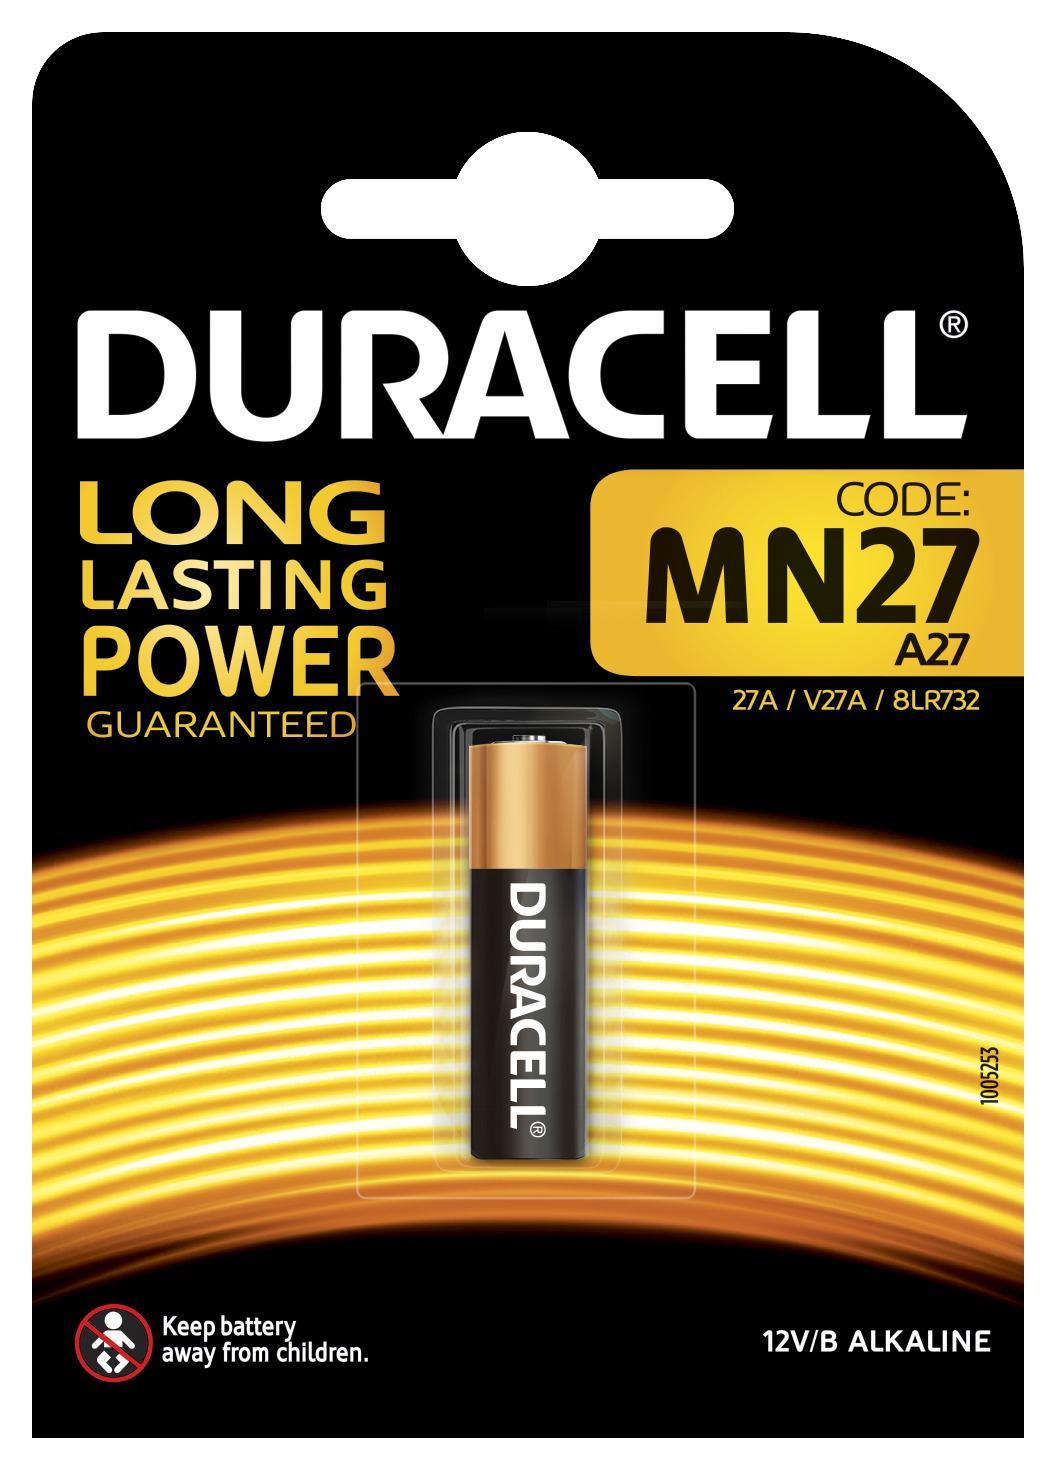 Батарейка Duracell Mn27 (10/100/9600) батарейки duracell cr2025 10 100 9600 блистер 1 шт